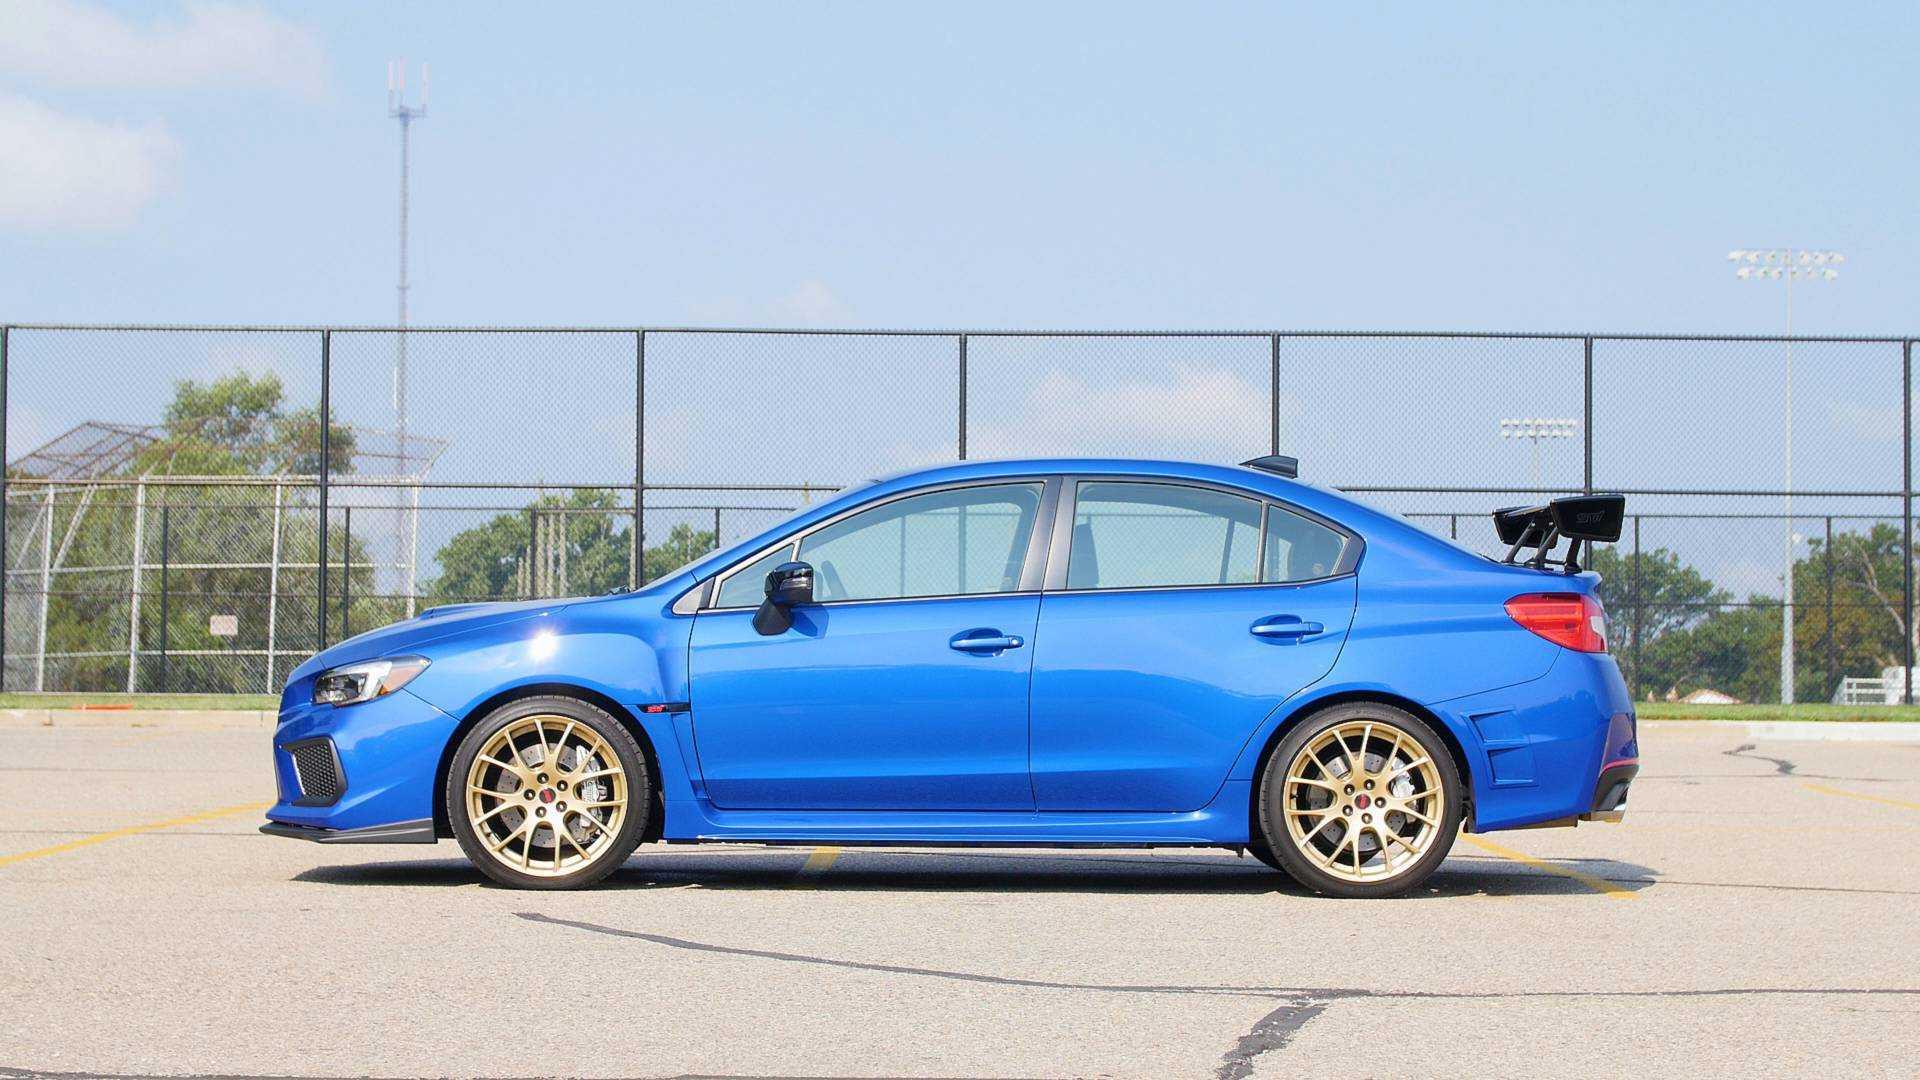 Sti Type Ra >> 2018 Subaru Wrx Sti Type Ra Why Buy